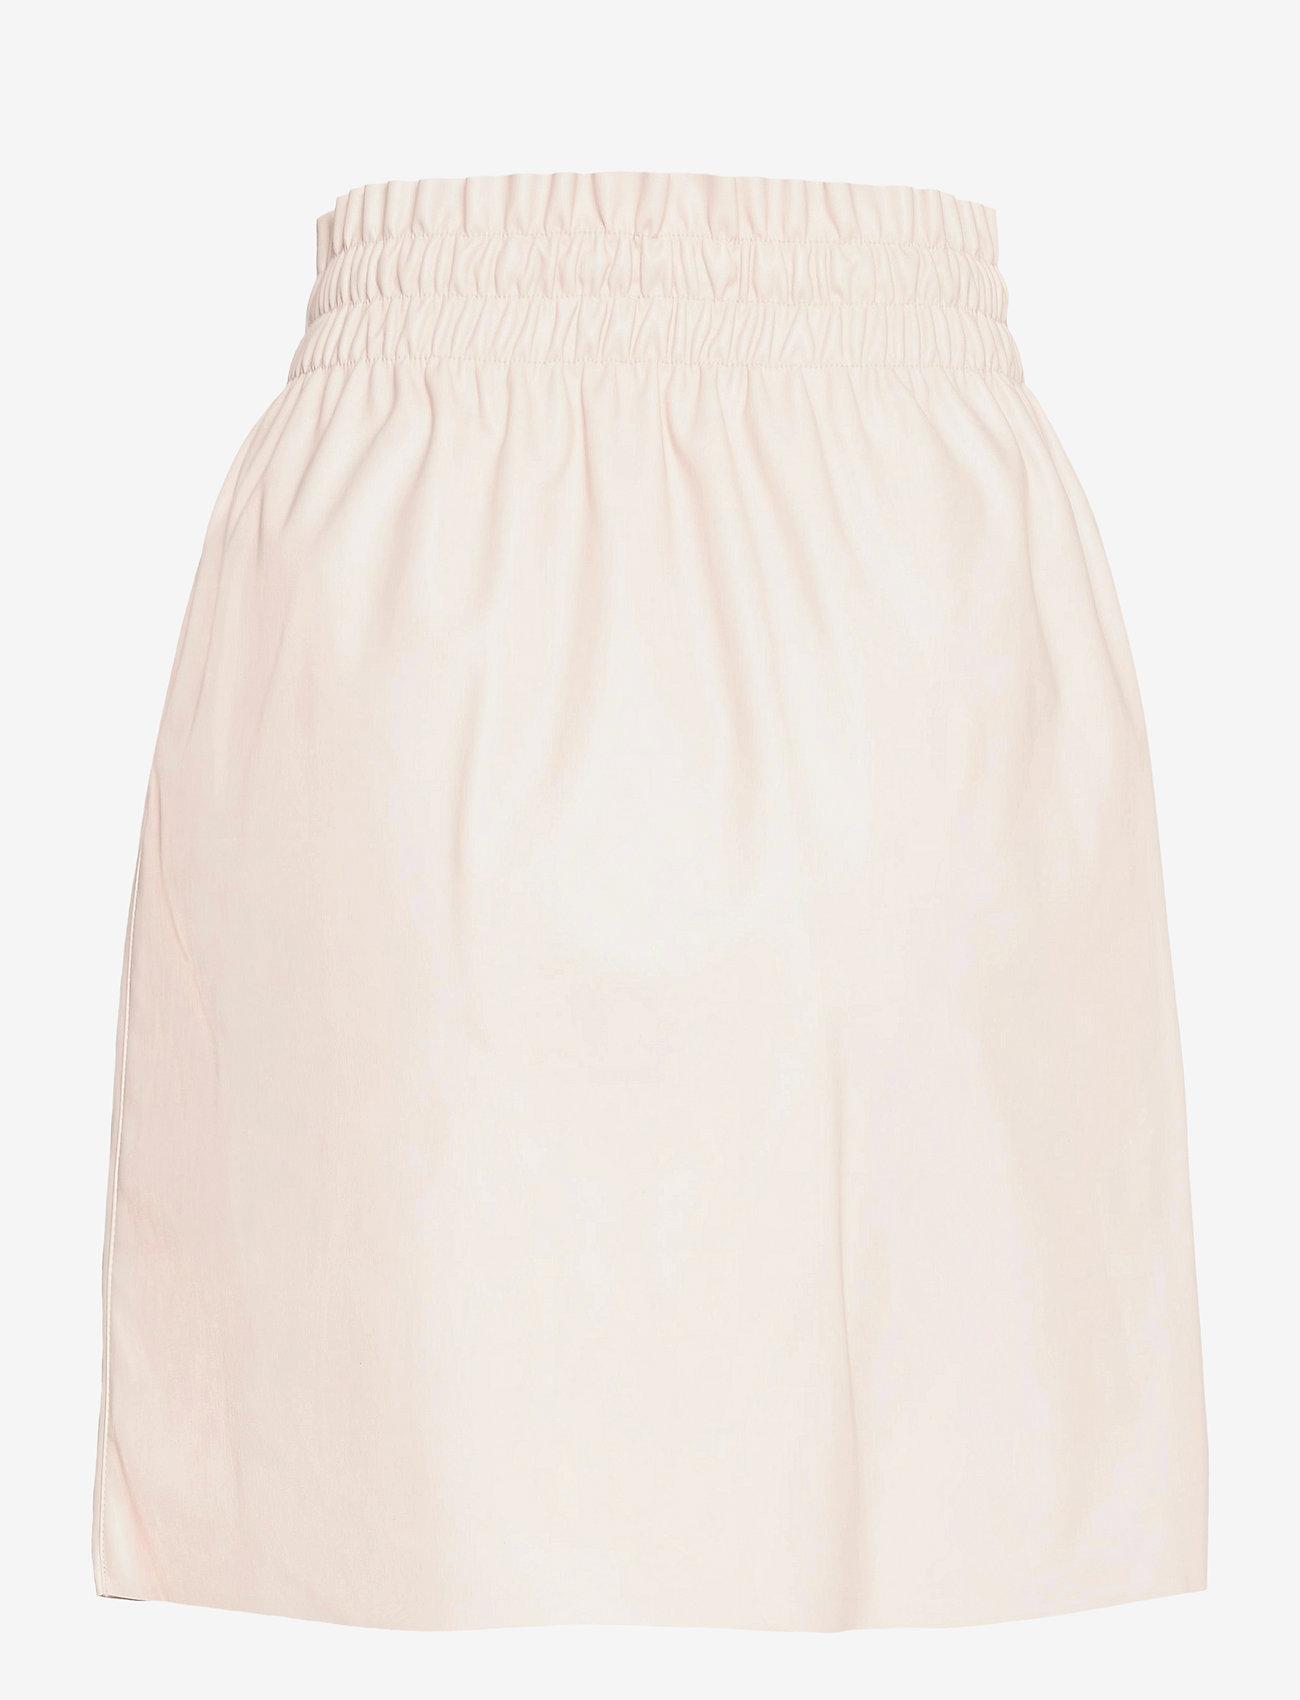 Vero Moda - VMAVA HW SHORT COATED SKIRT - korta kjolar - oatmeal - 1